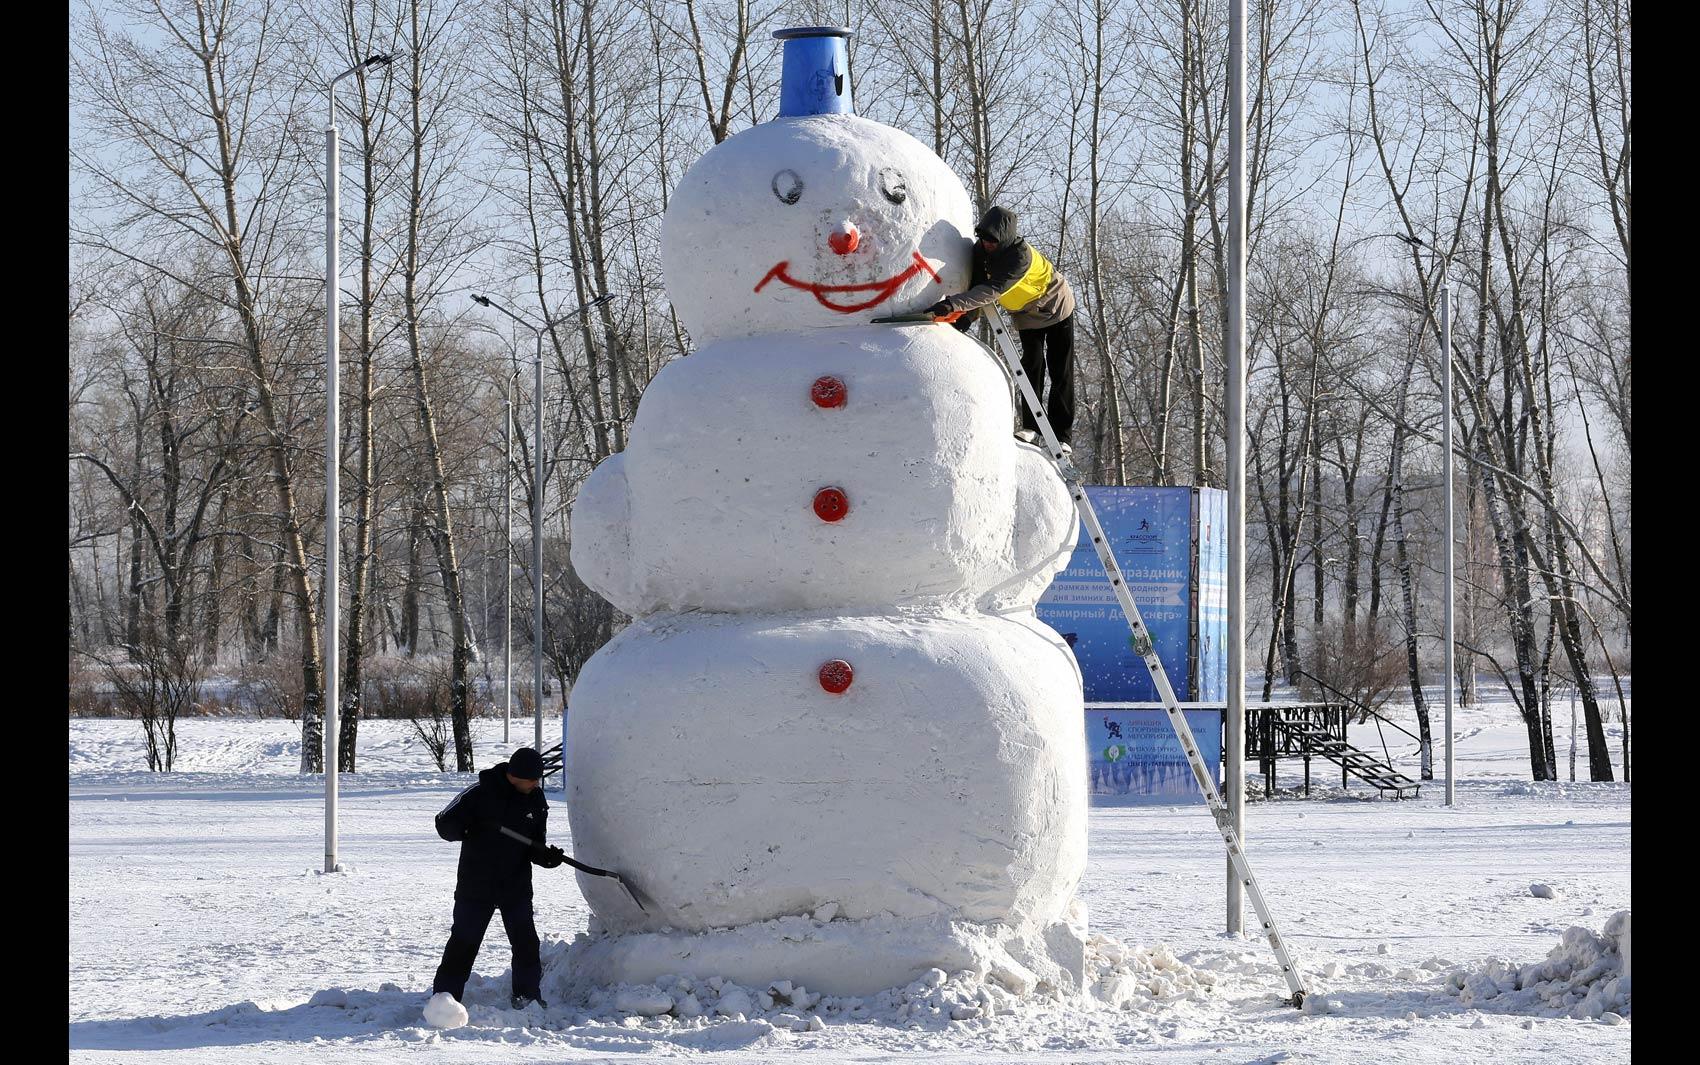 Dupla dá últimos retoques em um boneco de neve gigante com aproximadamente 5 metros de altura feito em um parque de Krasnoyarsk, na região da Sibéria, na Rússia